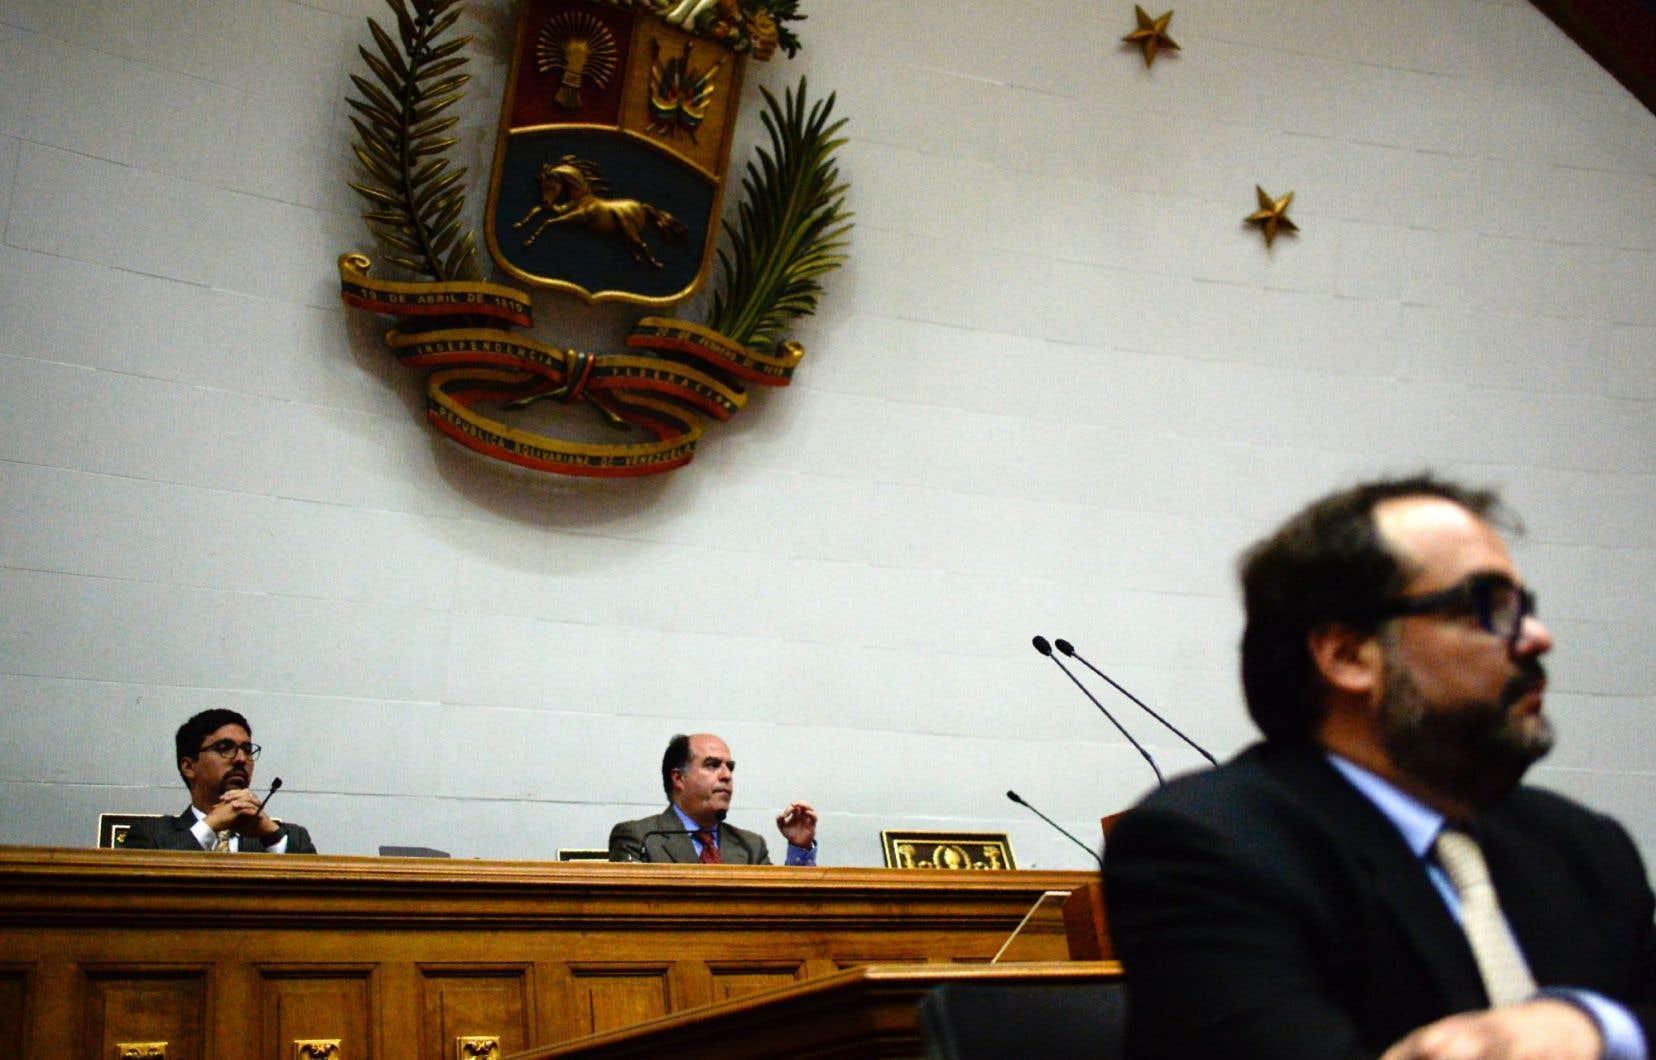 Le président du Parlement et chef de l'opposition vénézuélienne,Julio Borges (au centre), et le vice-président du Parlement, Freddy Guevara, lors d'une session parlementaire à Caracas, mardi